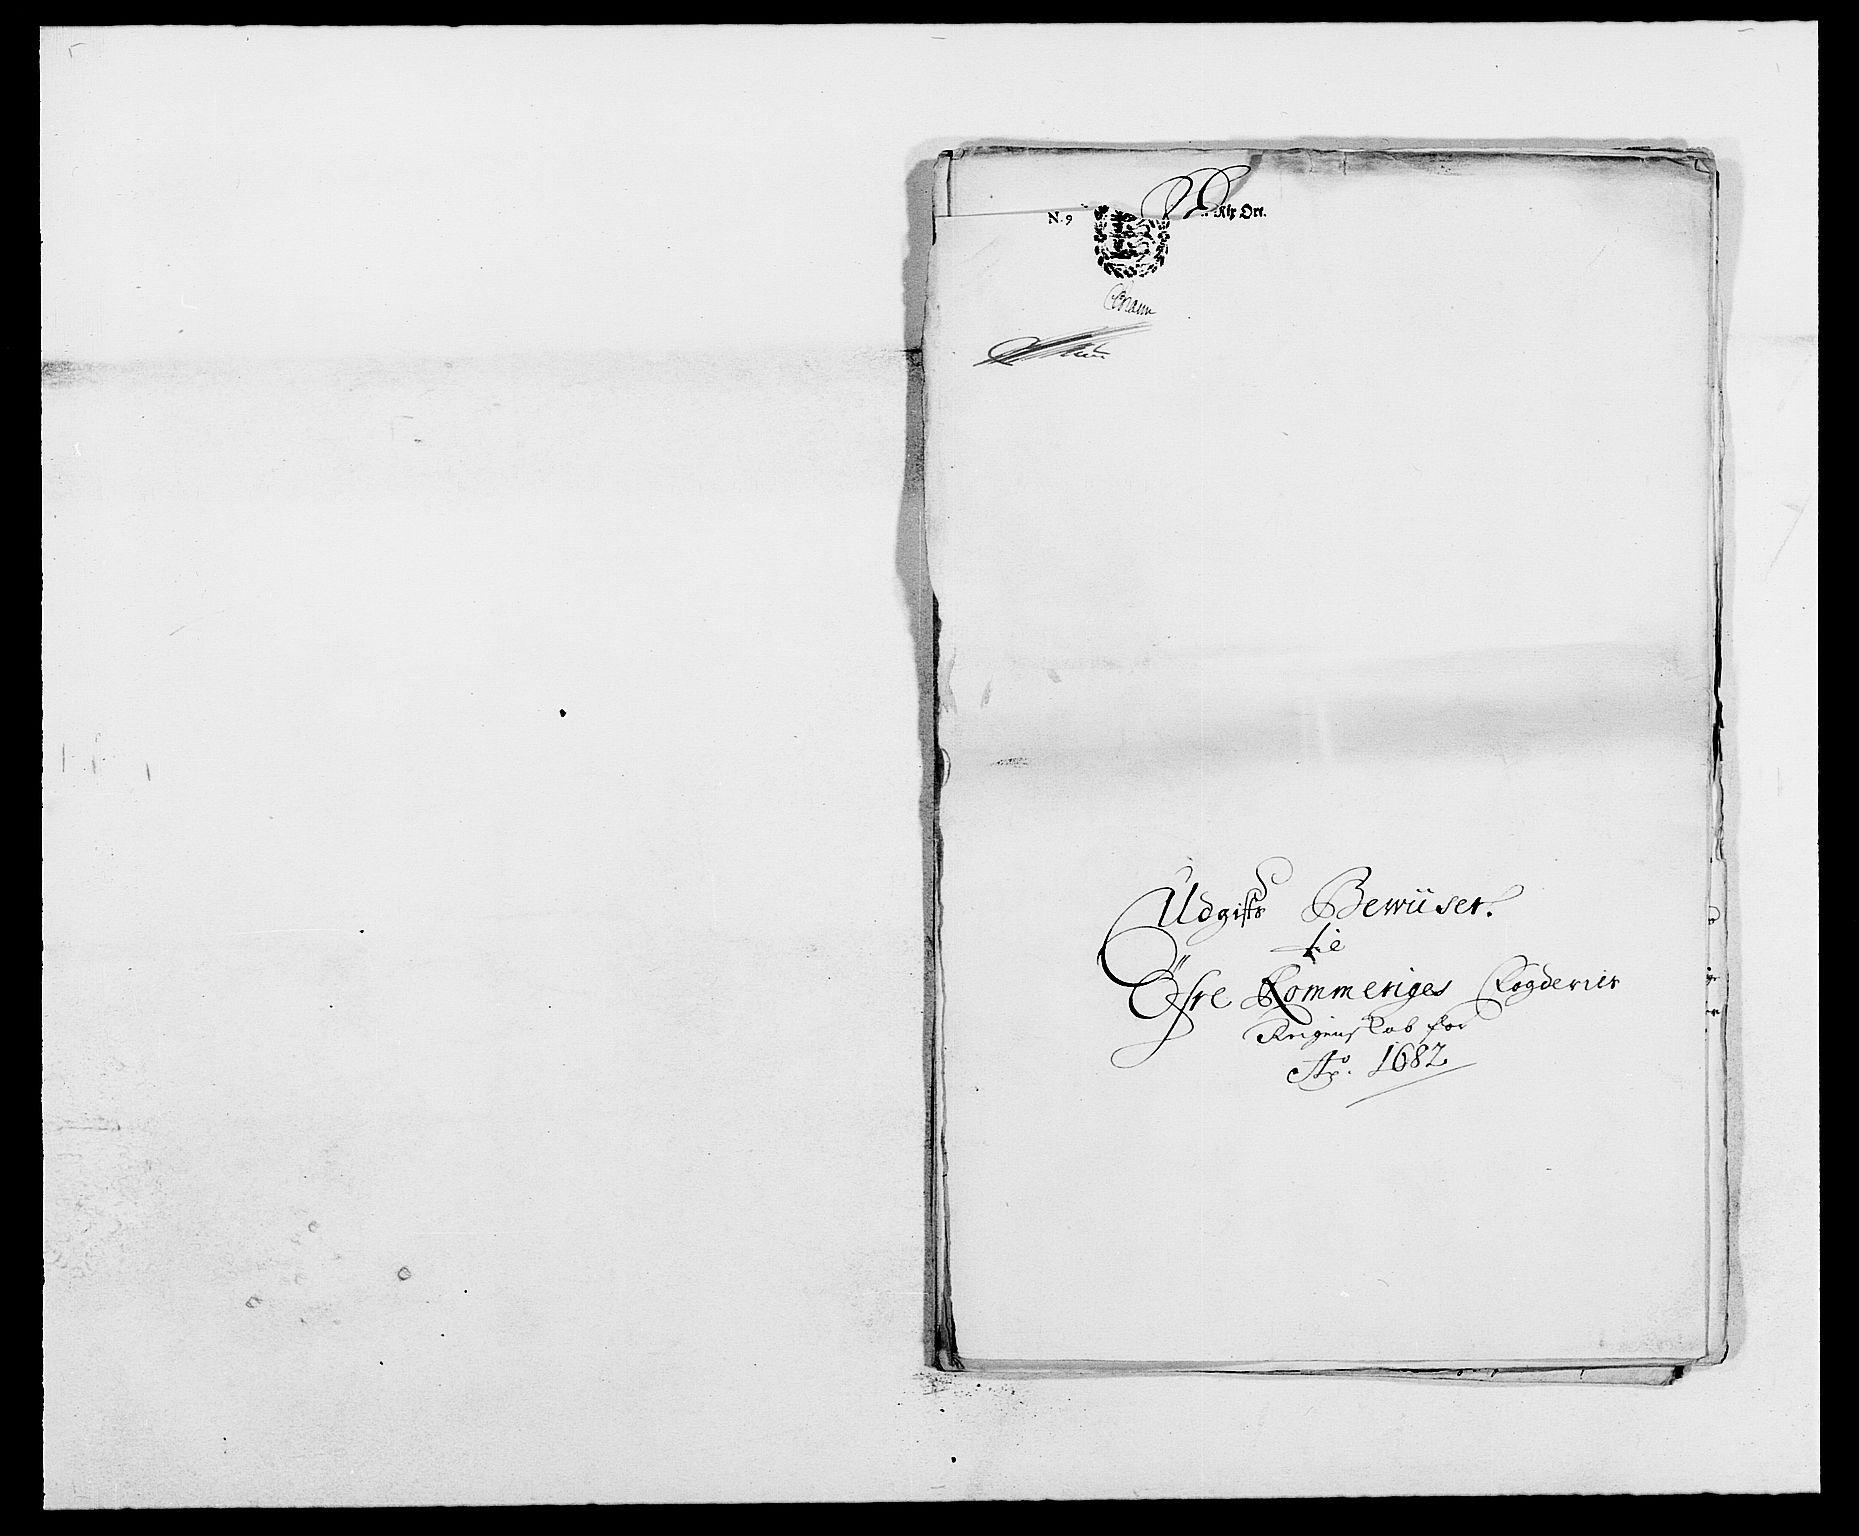 RA, Rentekammeret inntil 1814, Reviderte regnskaper, Fogderegnskap, R12/L0697: Fogderegnskap Øvre Romerike, 1682-1683, s. 249